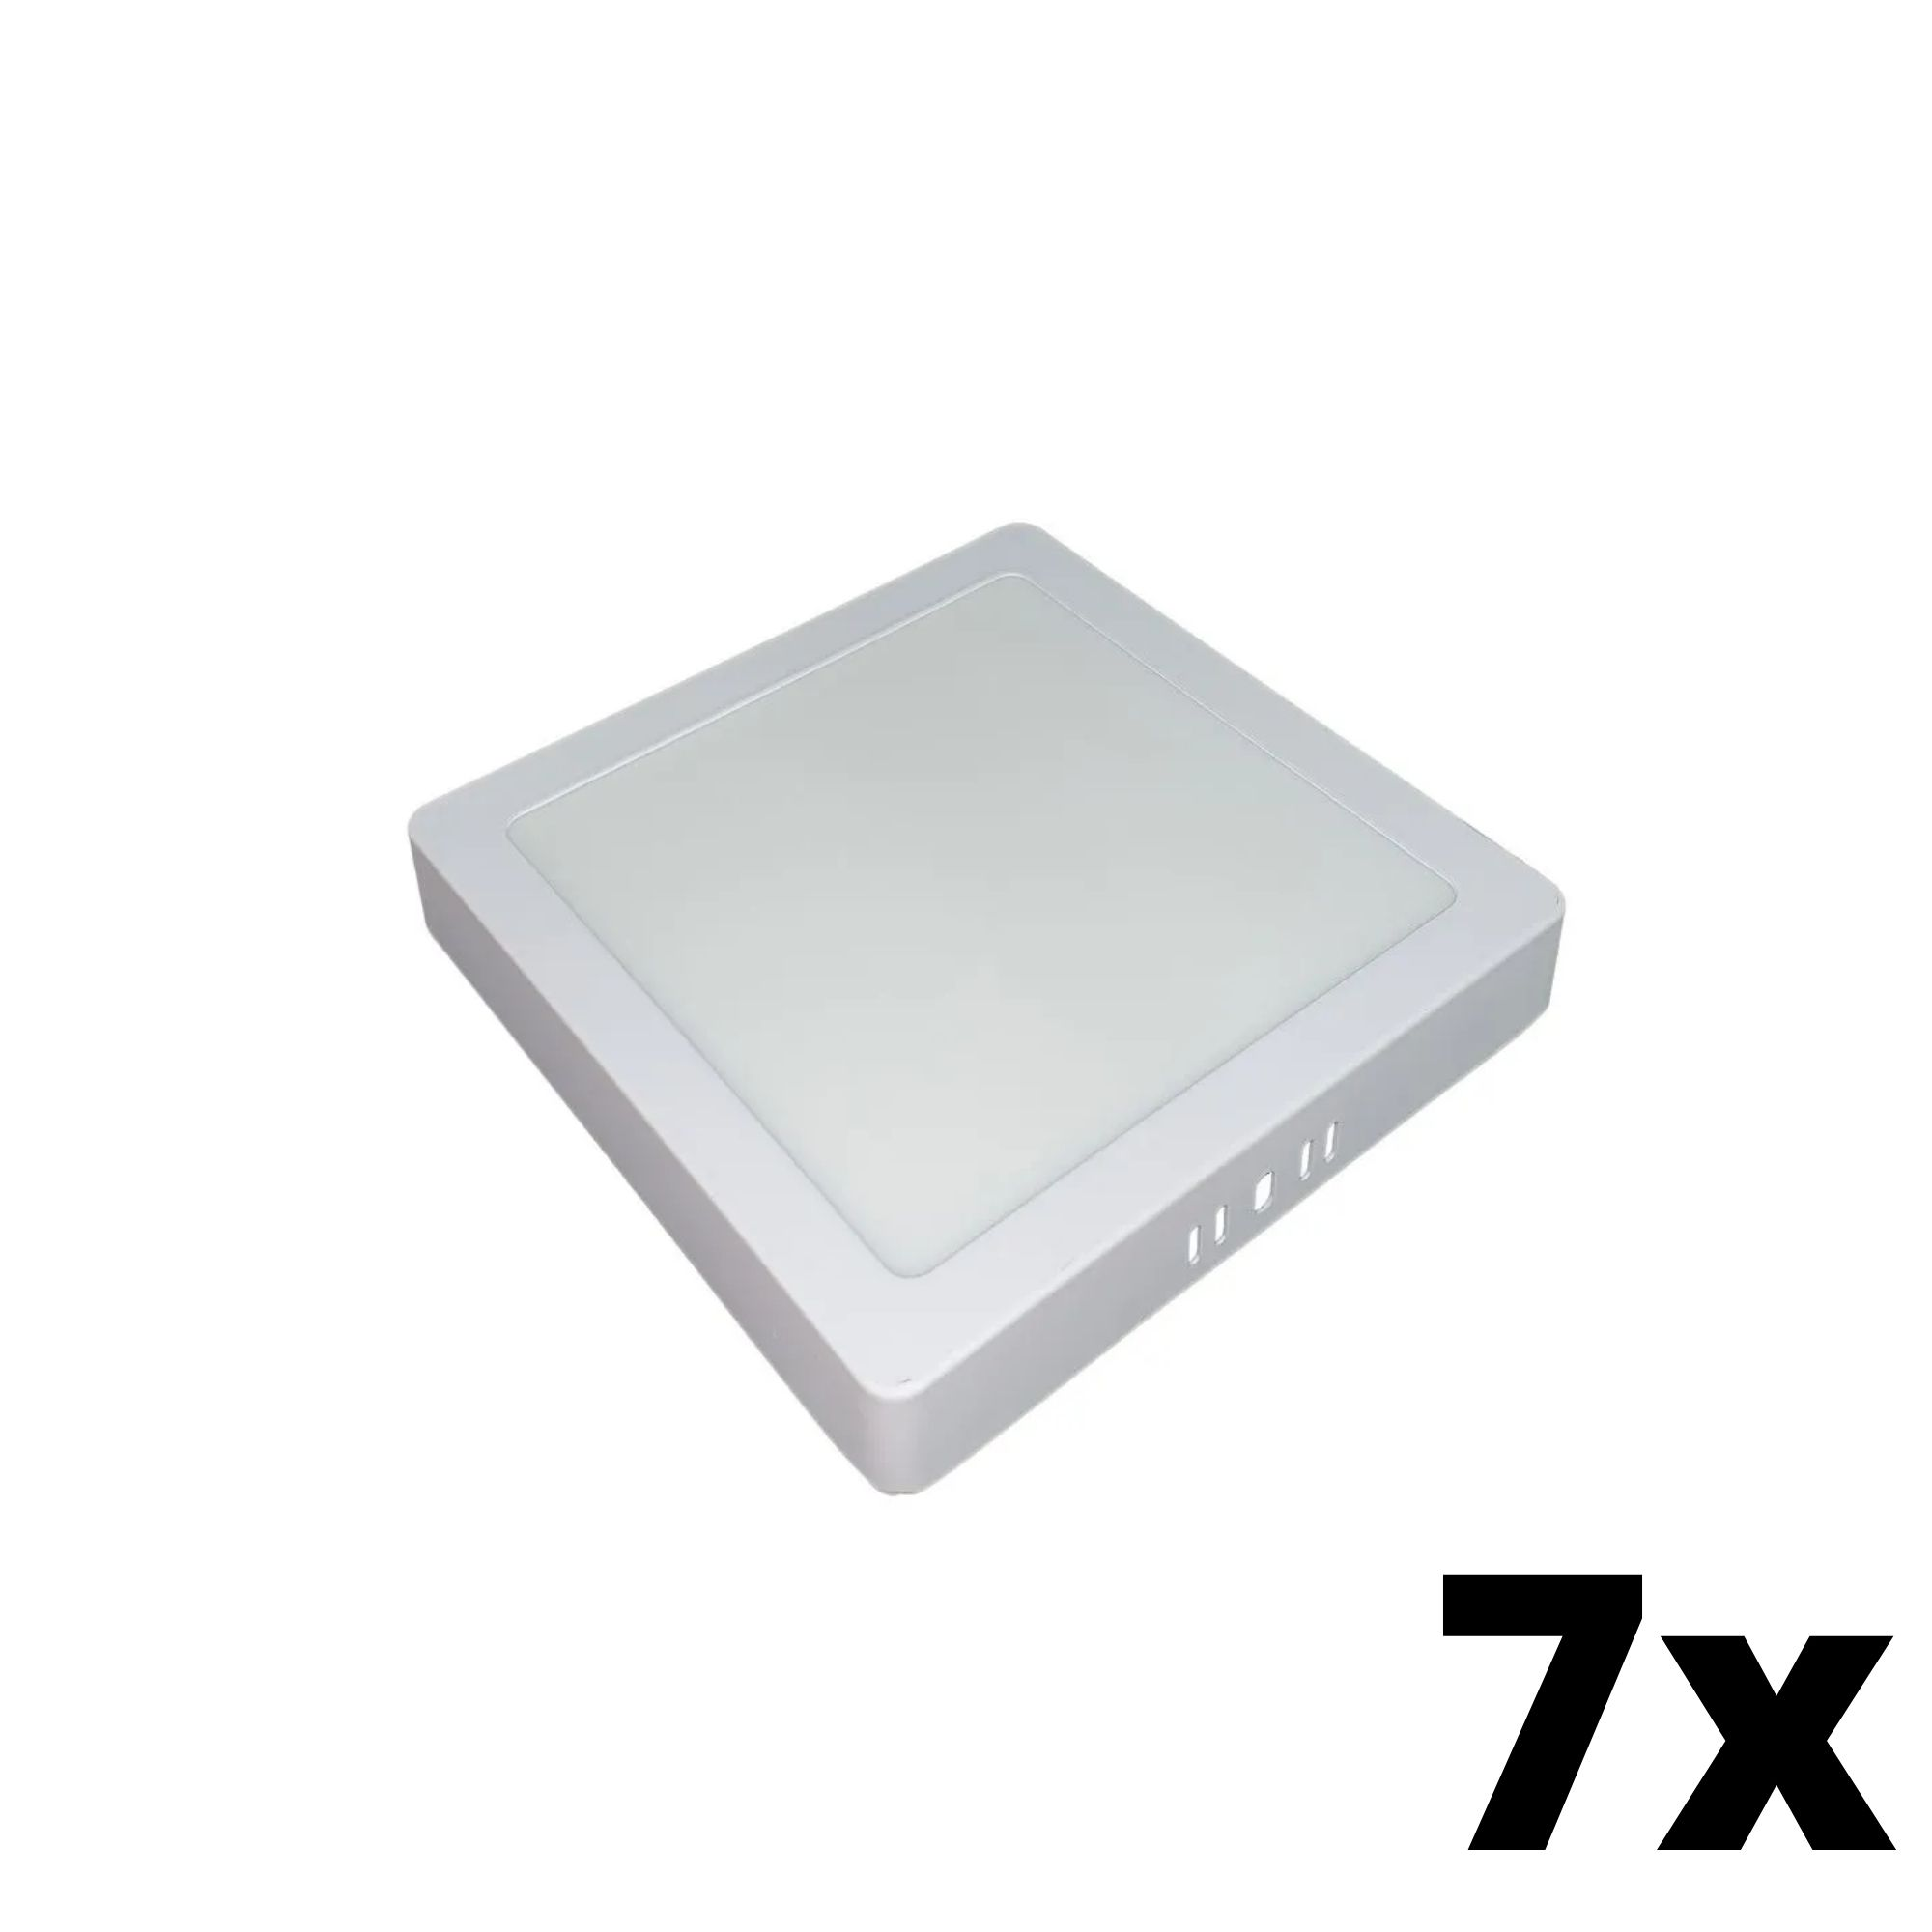 Kit 7 und Painel de Led Sobrepor 18w Quadrado 3000k